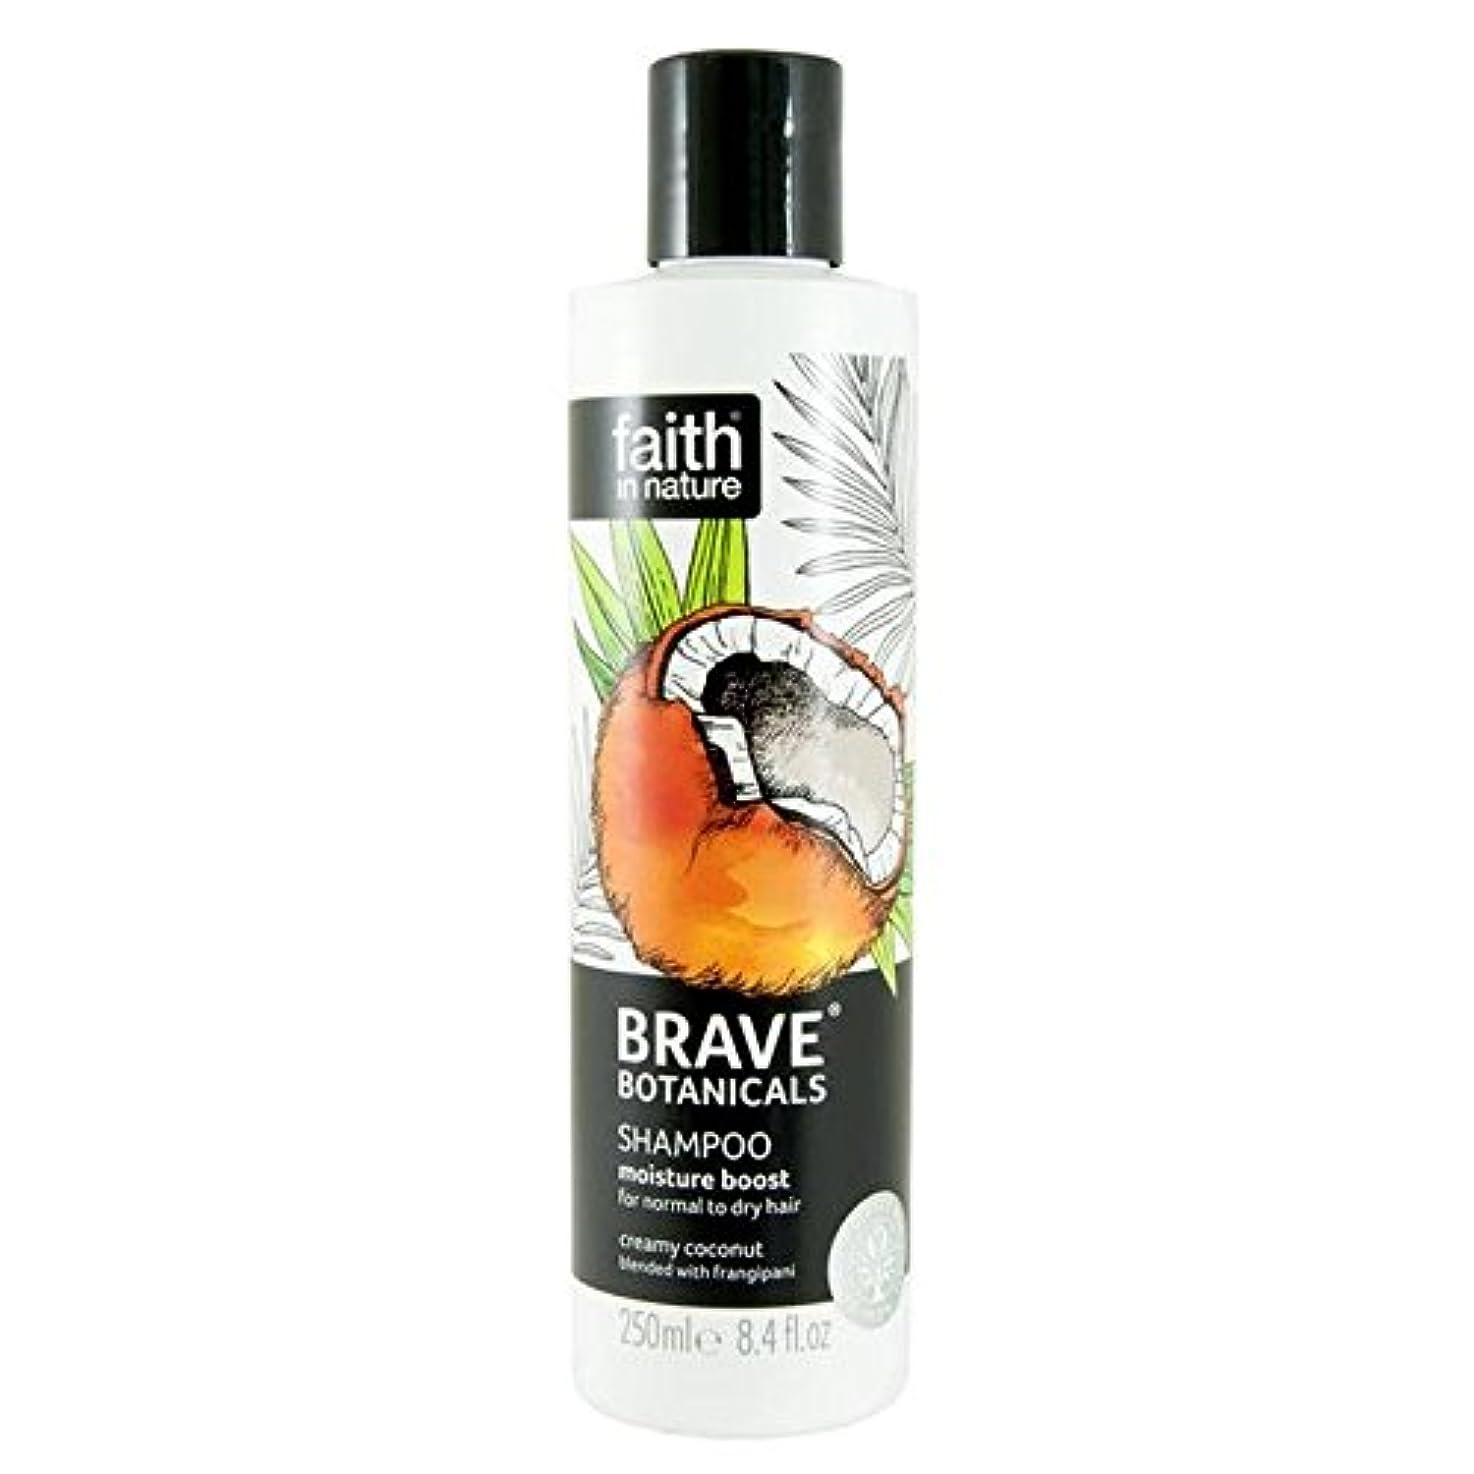 マトロン断言する暴露Brave Botanicals Coconut & Frangipani Moisture Boost Shampoo 250ml (Pack of 2) - (Faith In Nature) 勇敢な植物ココナッツ&プルメリア水分ブーストシャンプー250Ml (x2) [並行輸入品]